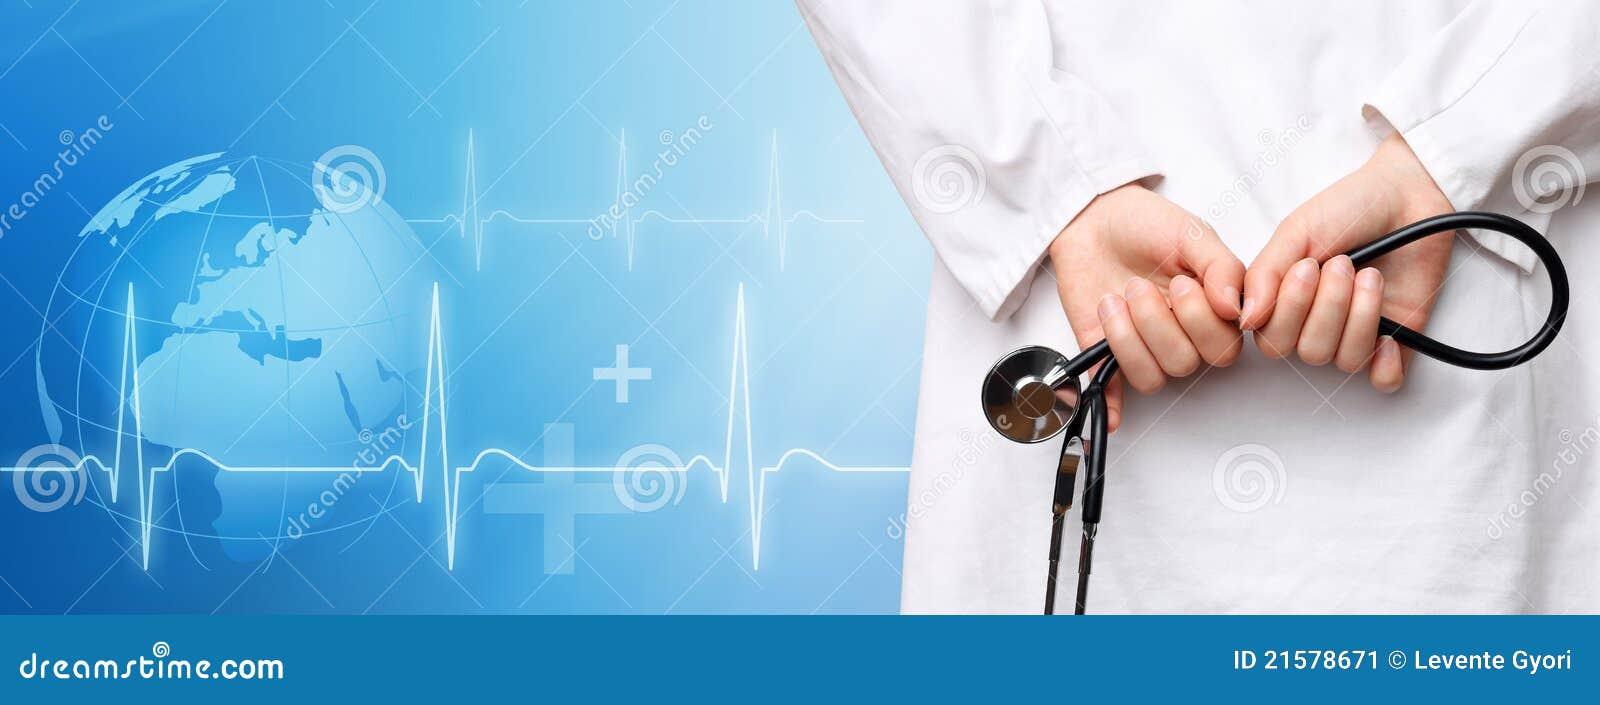 Medische achtergrond